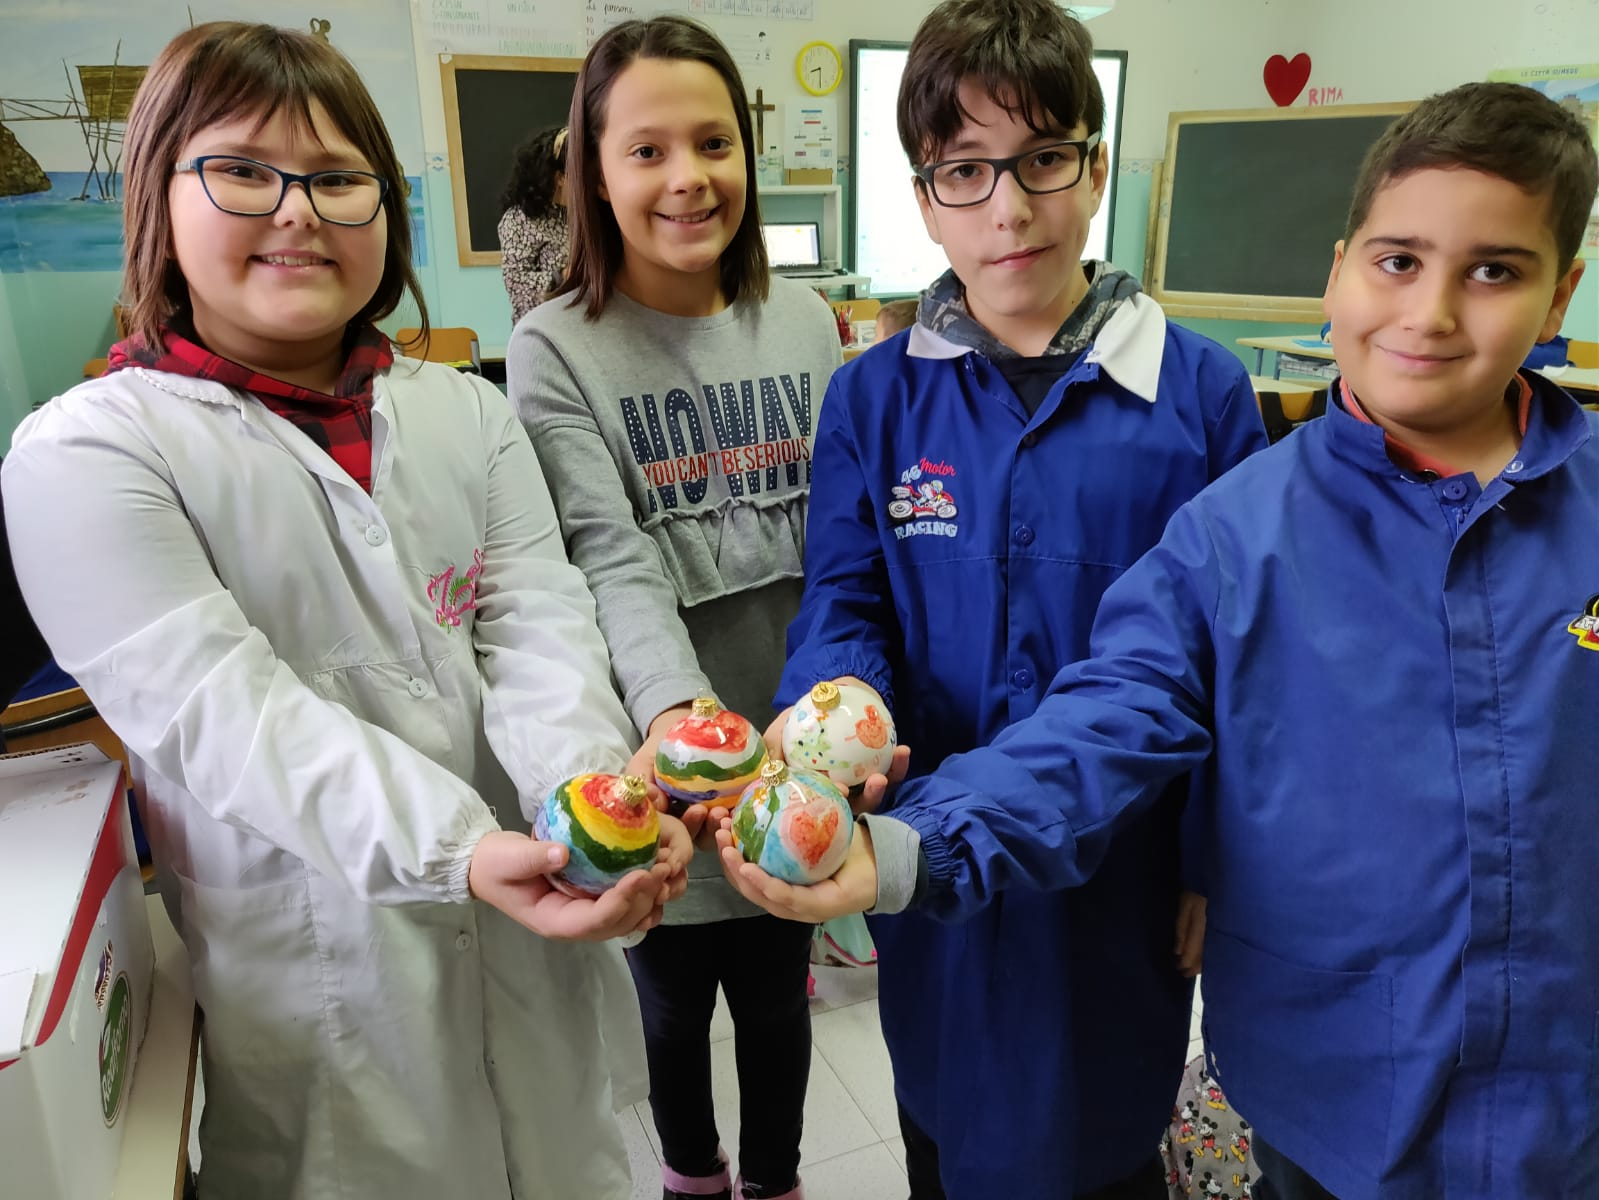 Laboratorio di ceramica per i giovani artisti della Spataro I ragazzi delle quarte A e D alle prese con la decorazione delle palline di Natale di ceramica